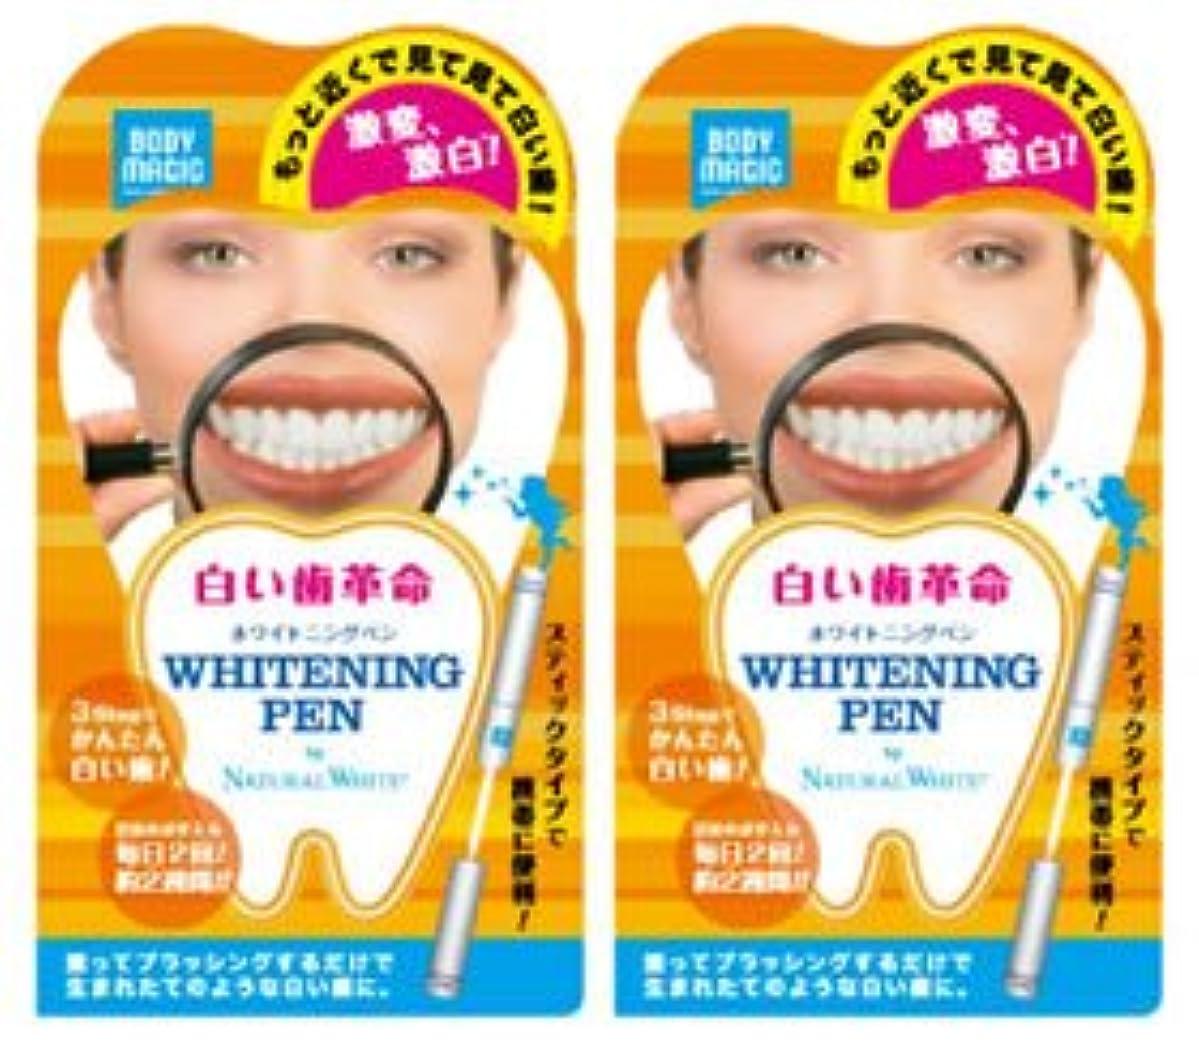 路面電車桃コード《セット販売》 ナチュラルホワイト ボディマジック ホワイトニングペン 2個セット 【白い歯革命】 ラピッドホワイトBスティック 【ジェルハミガキ】